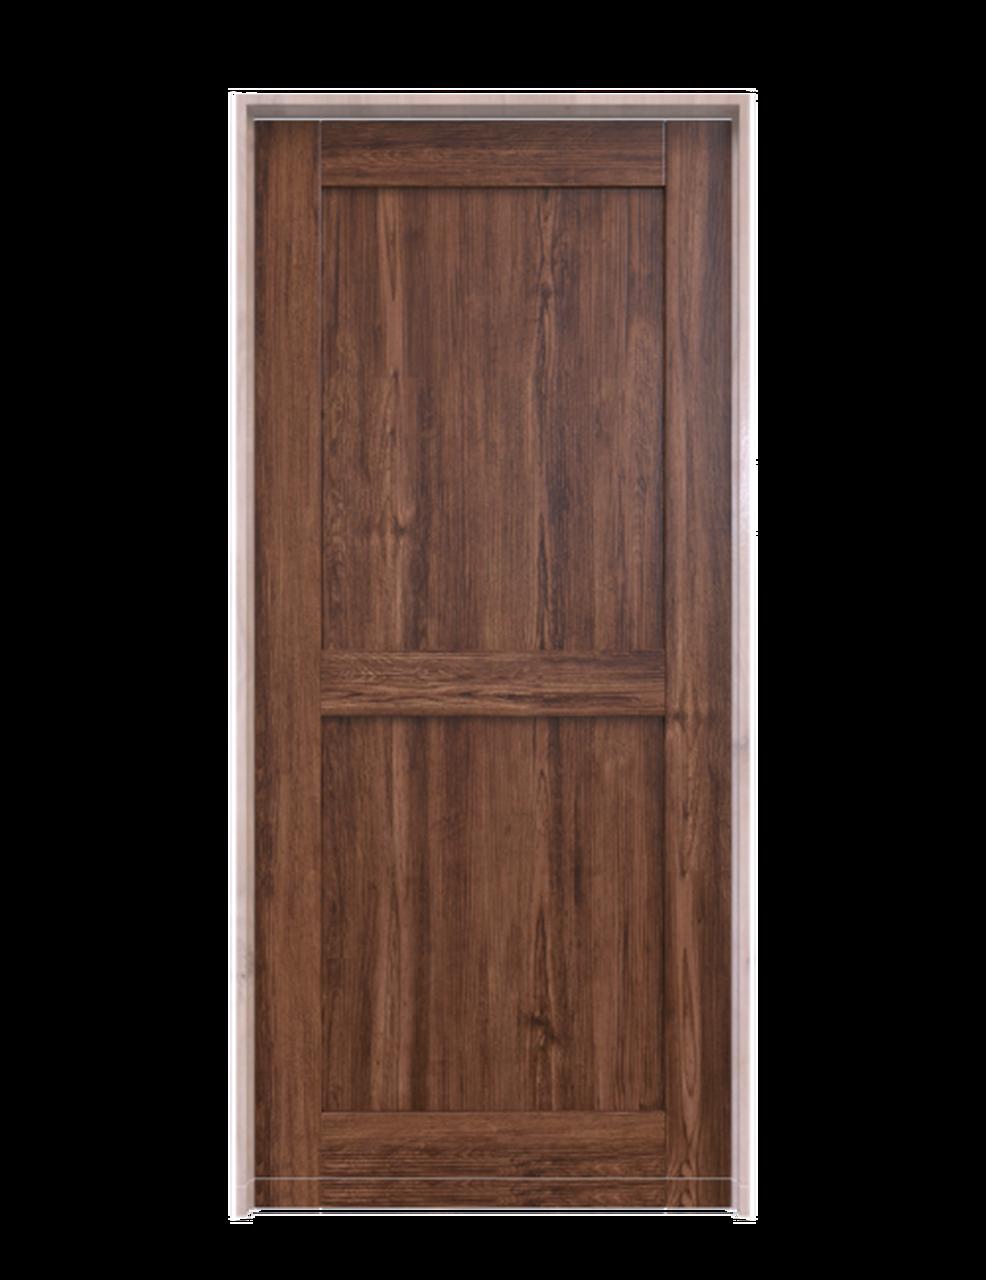 dark stain wood 2 panel barn door